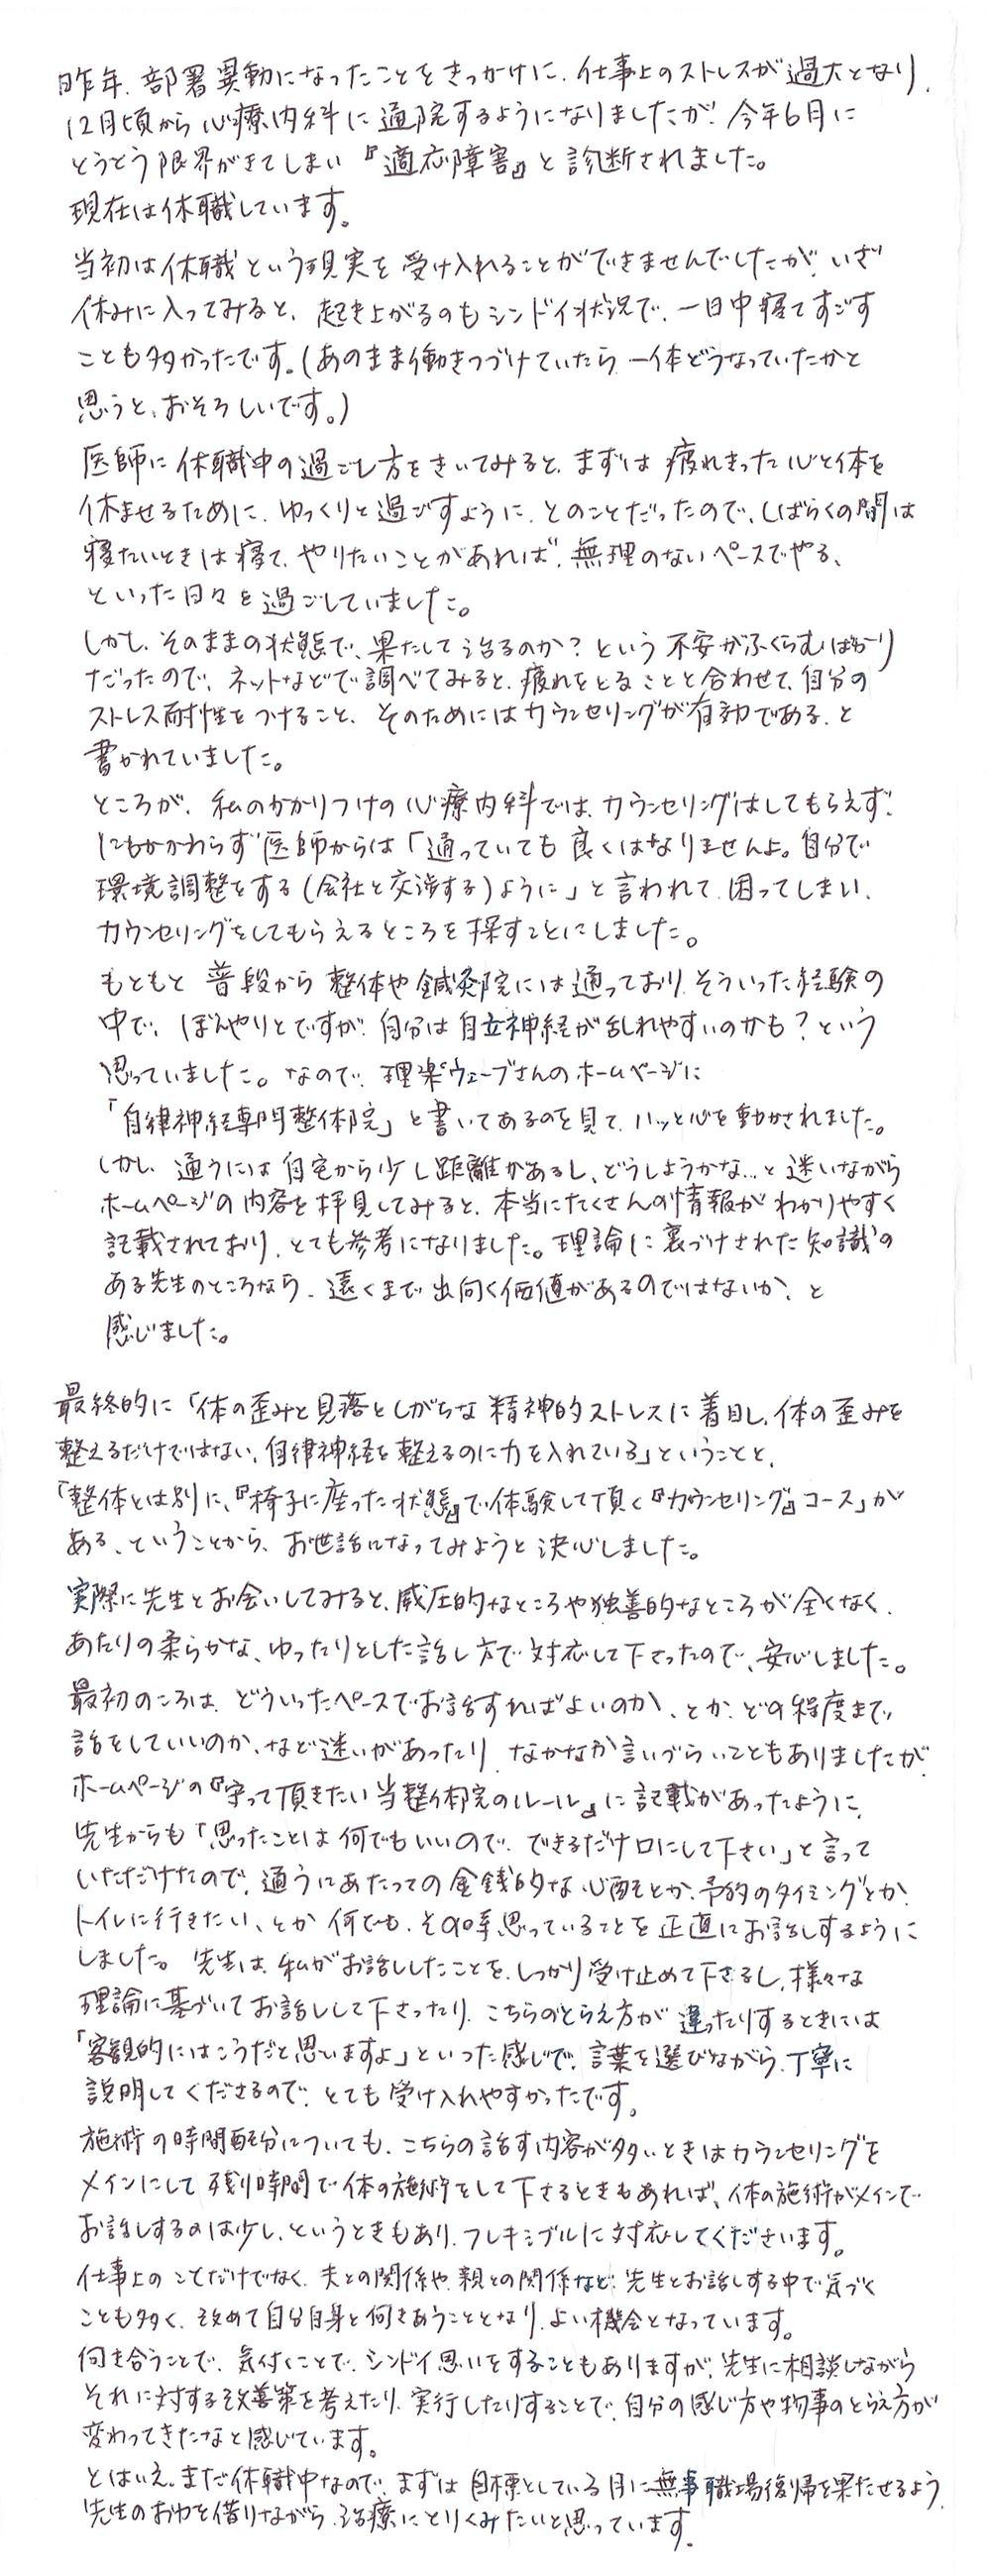 適応障害の方の声|奈良県生駒市の理楽ウェーブ